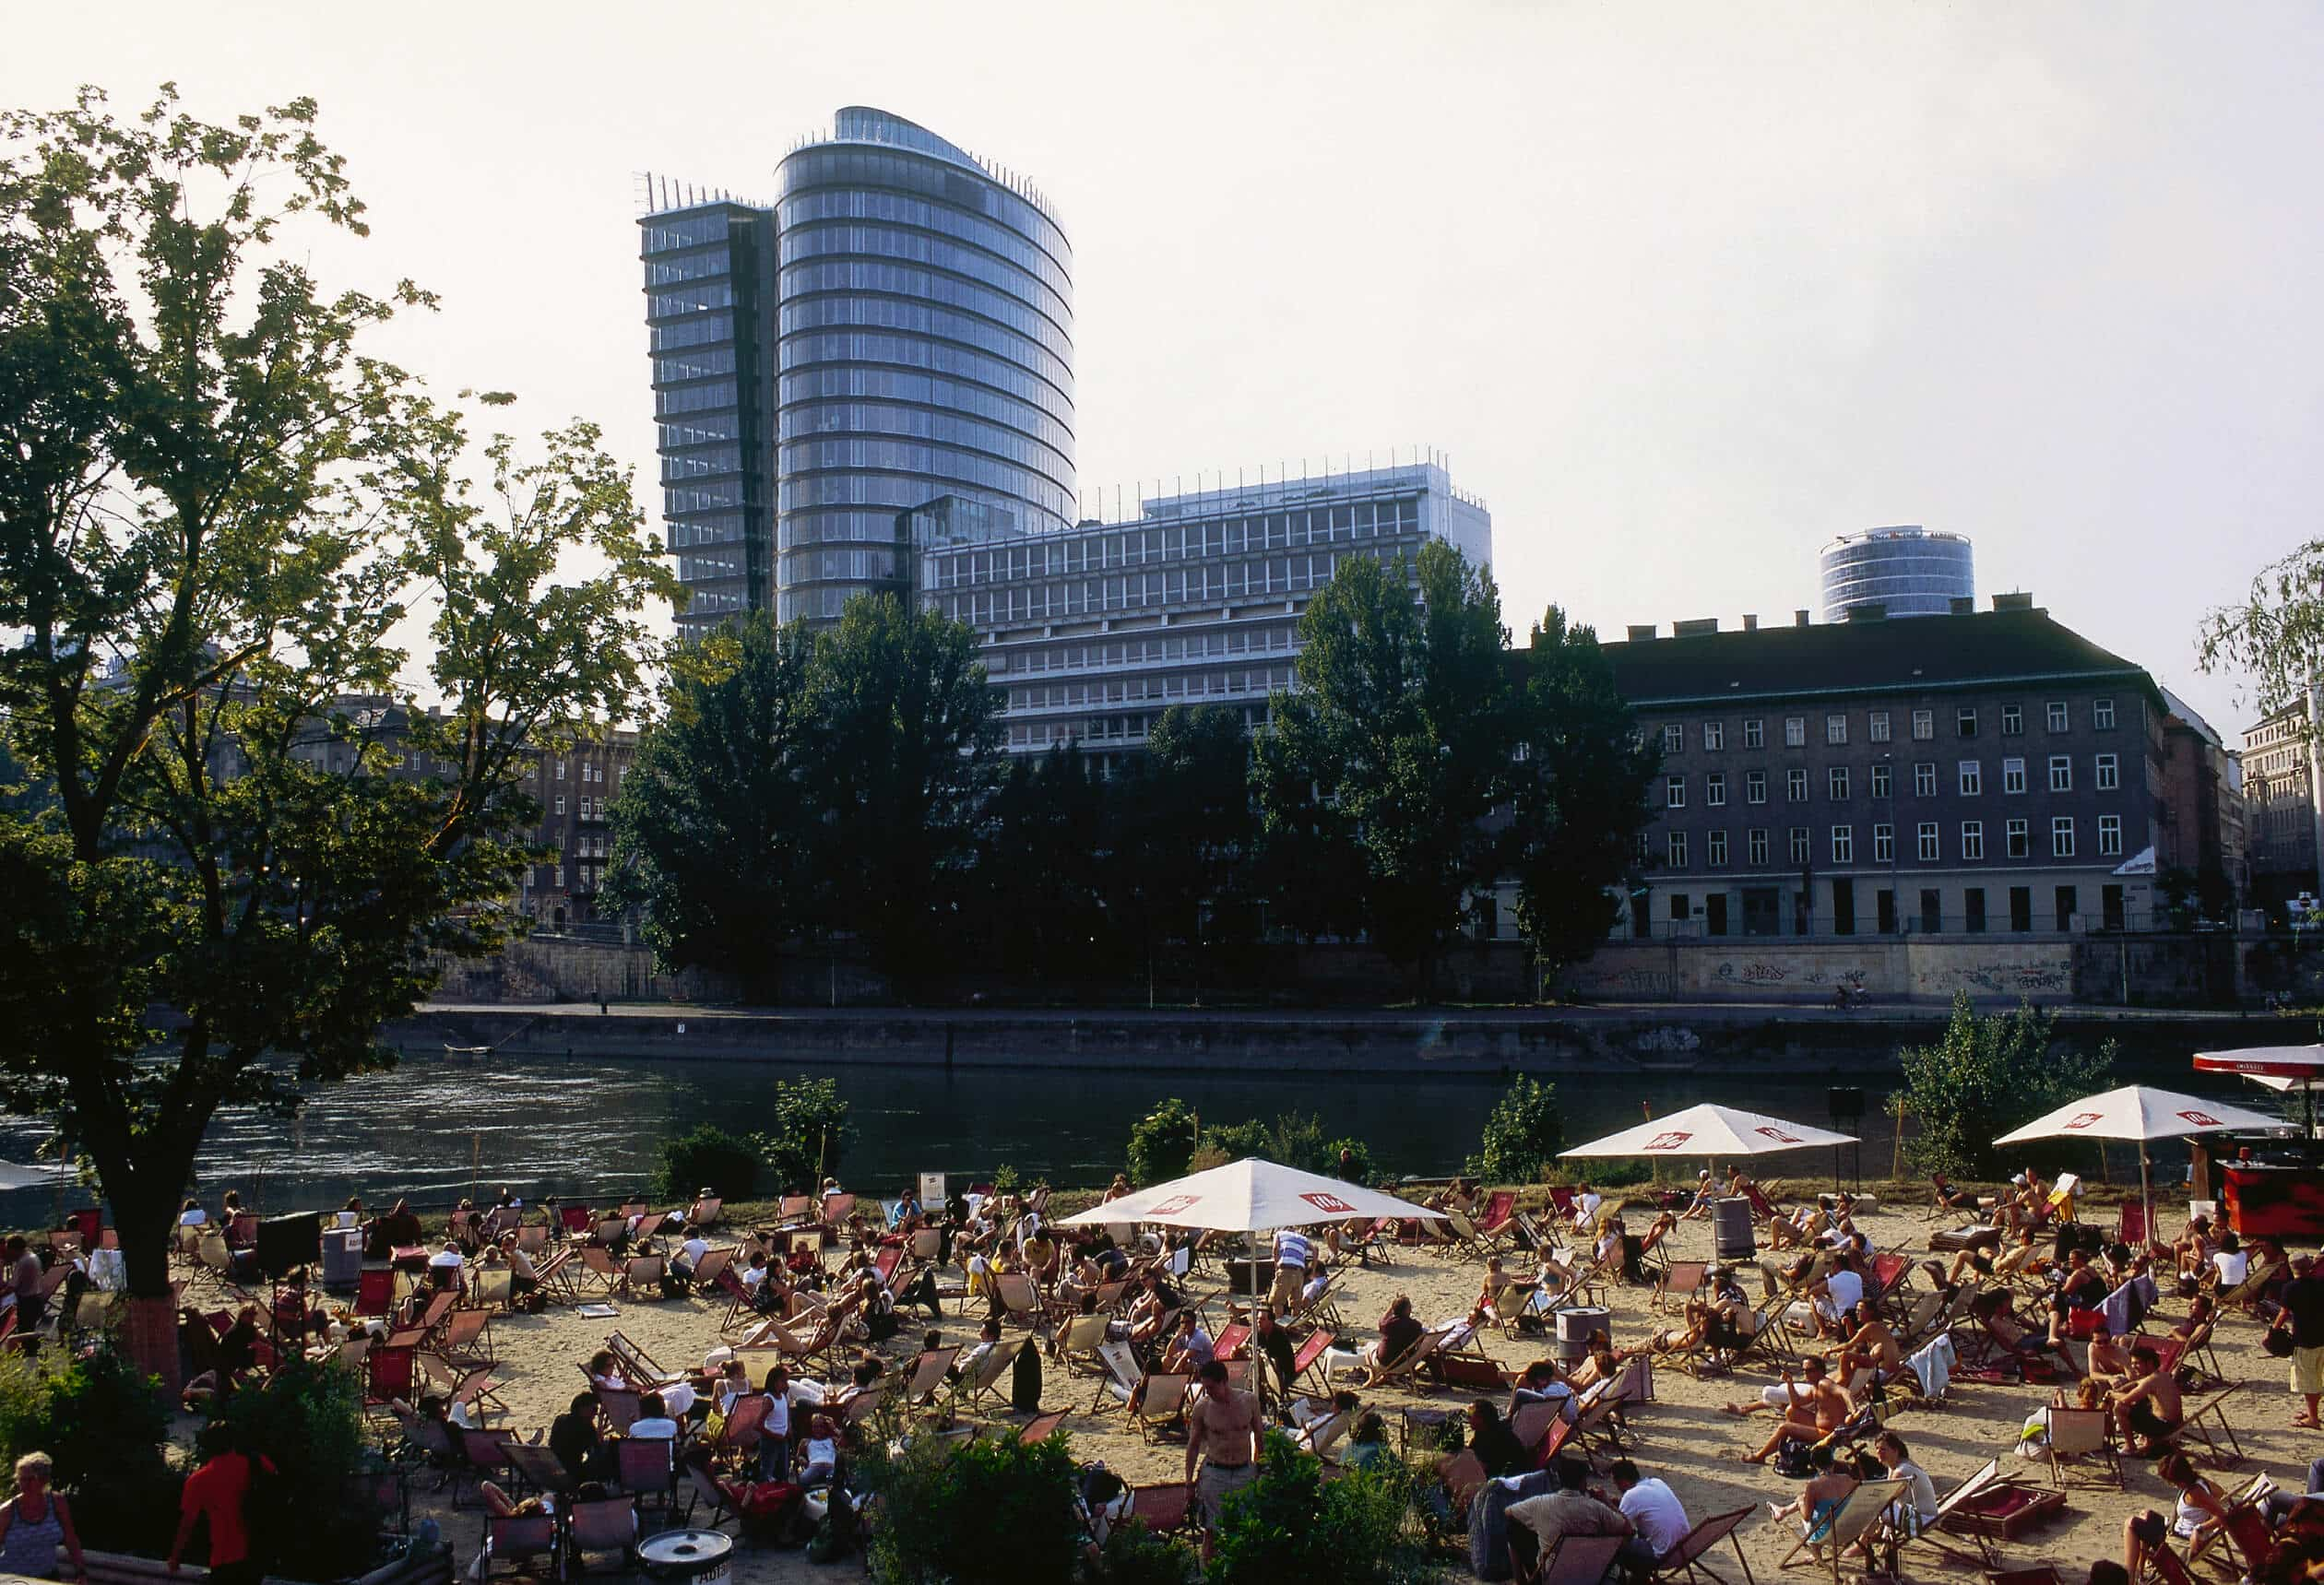 Strandbar-Herrmann Wien